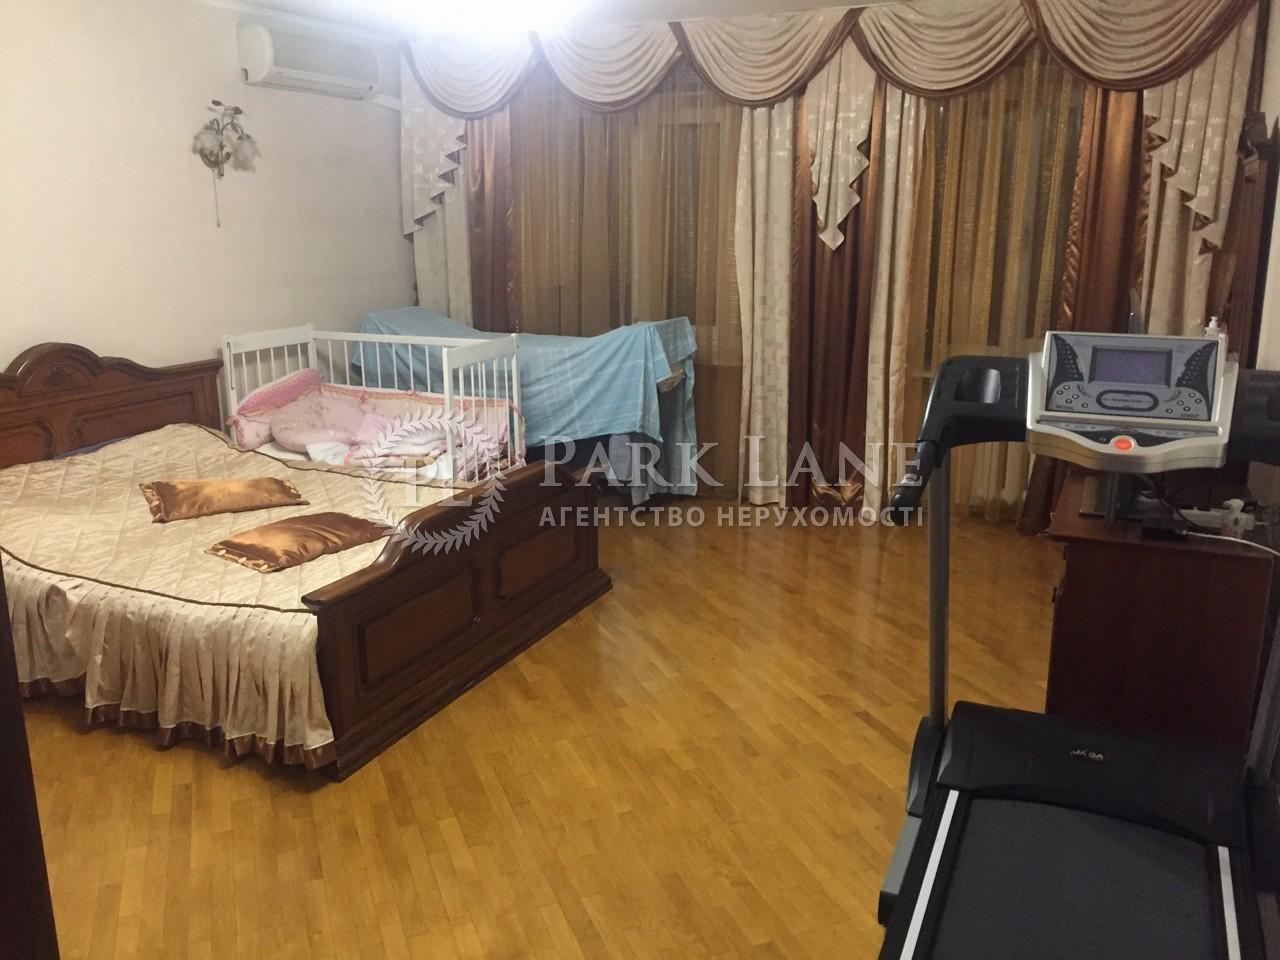 Квартира ул. Декабристов, 12/37, Киев, K-25289 - Фото 6